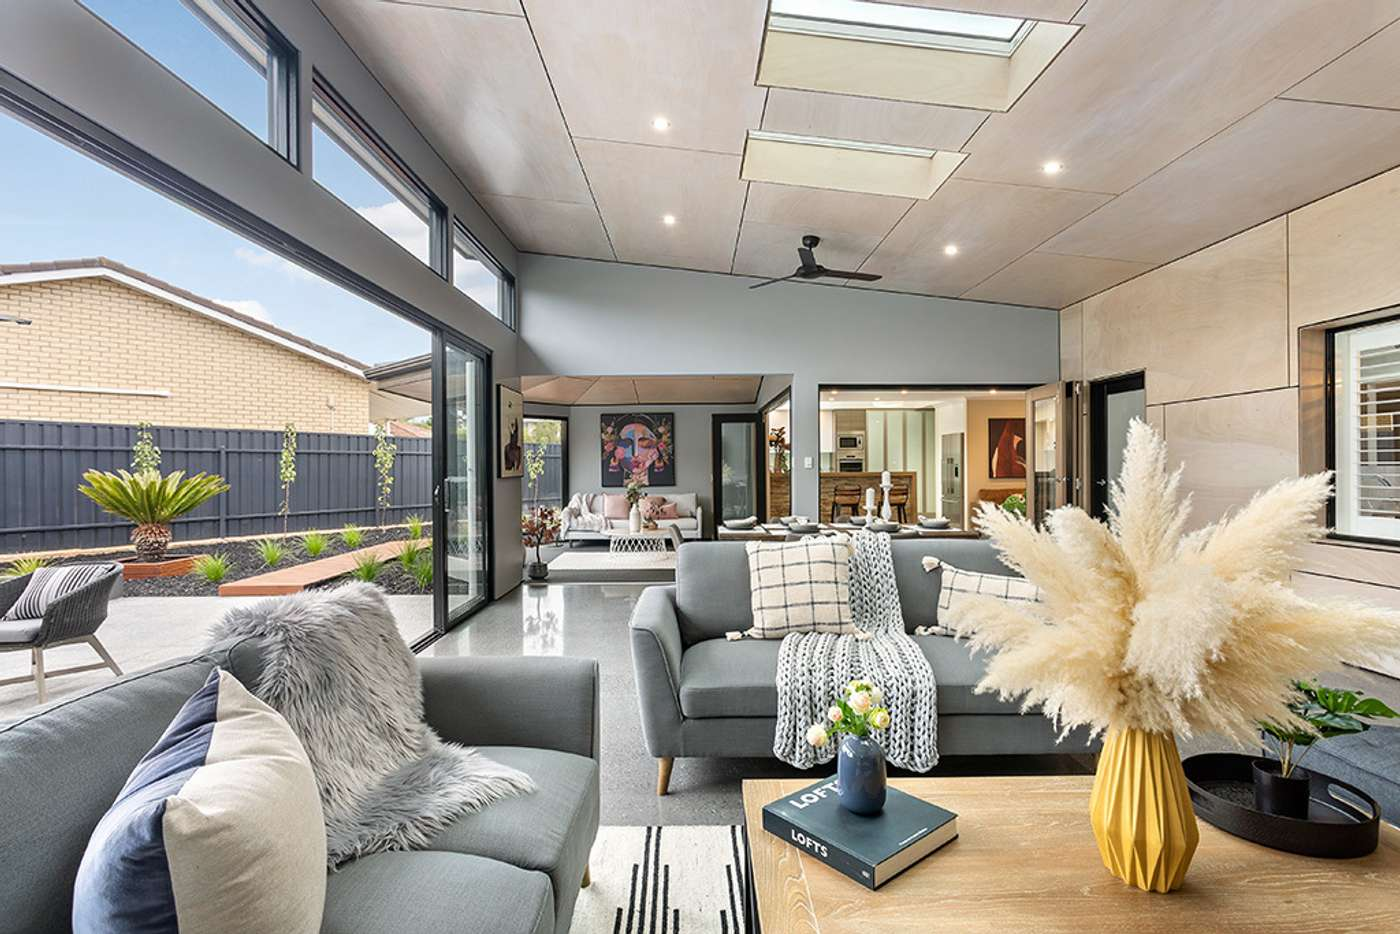 Main view of Homely house listing, 2 Glen Court, Novar Gardens SA 5040